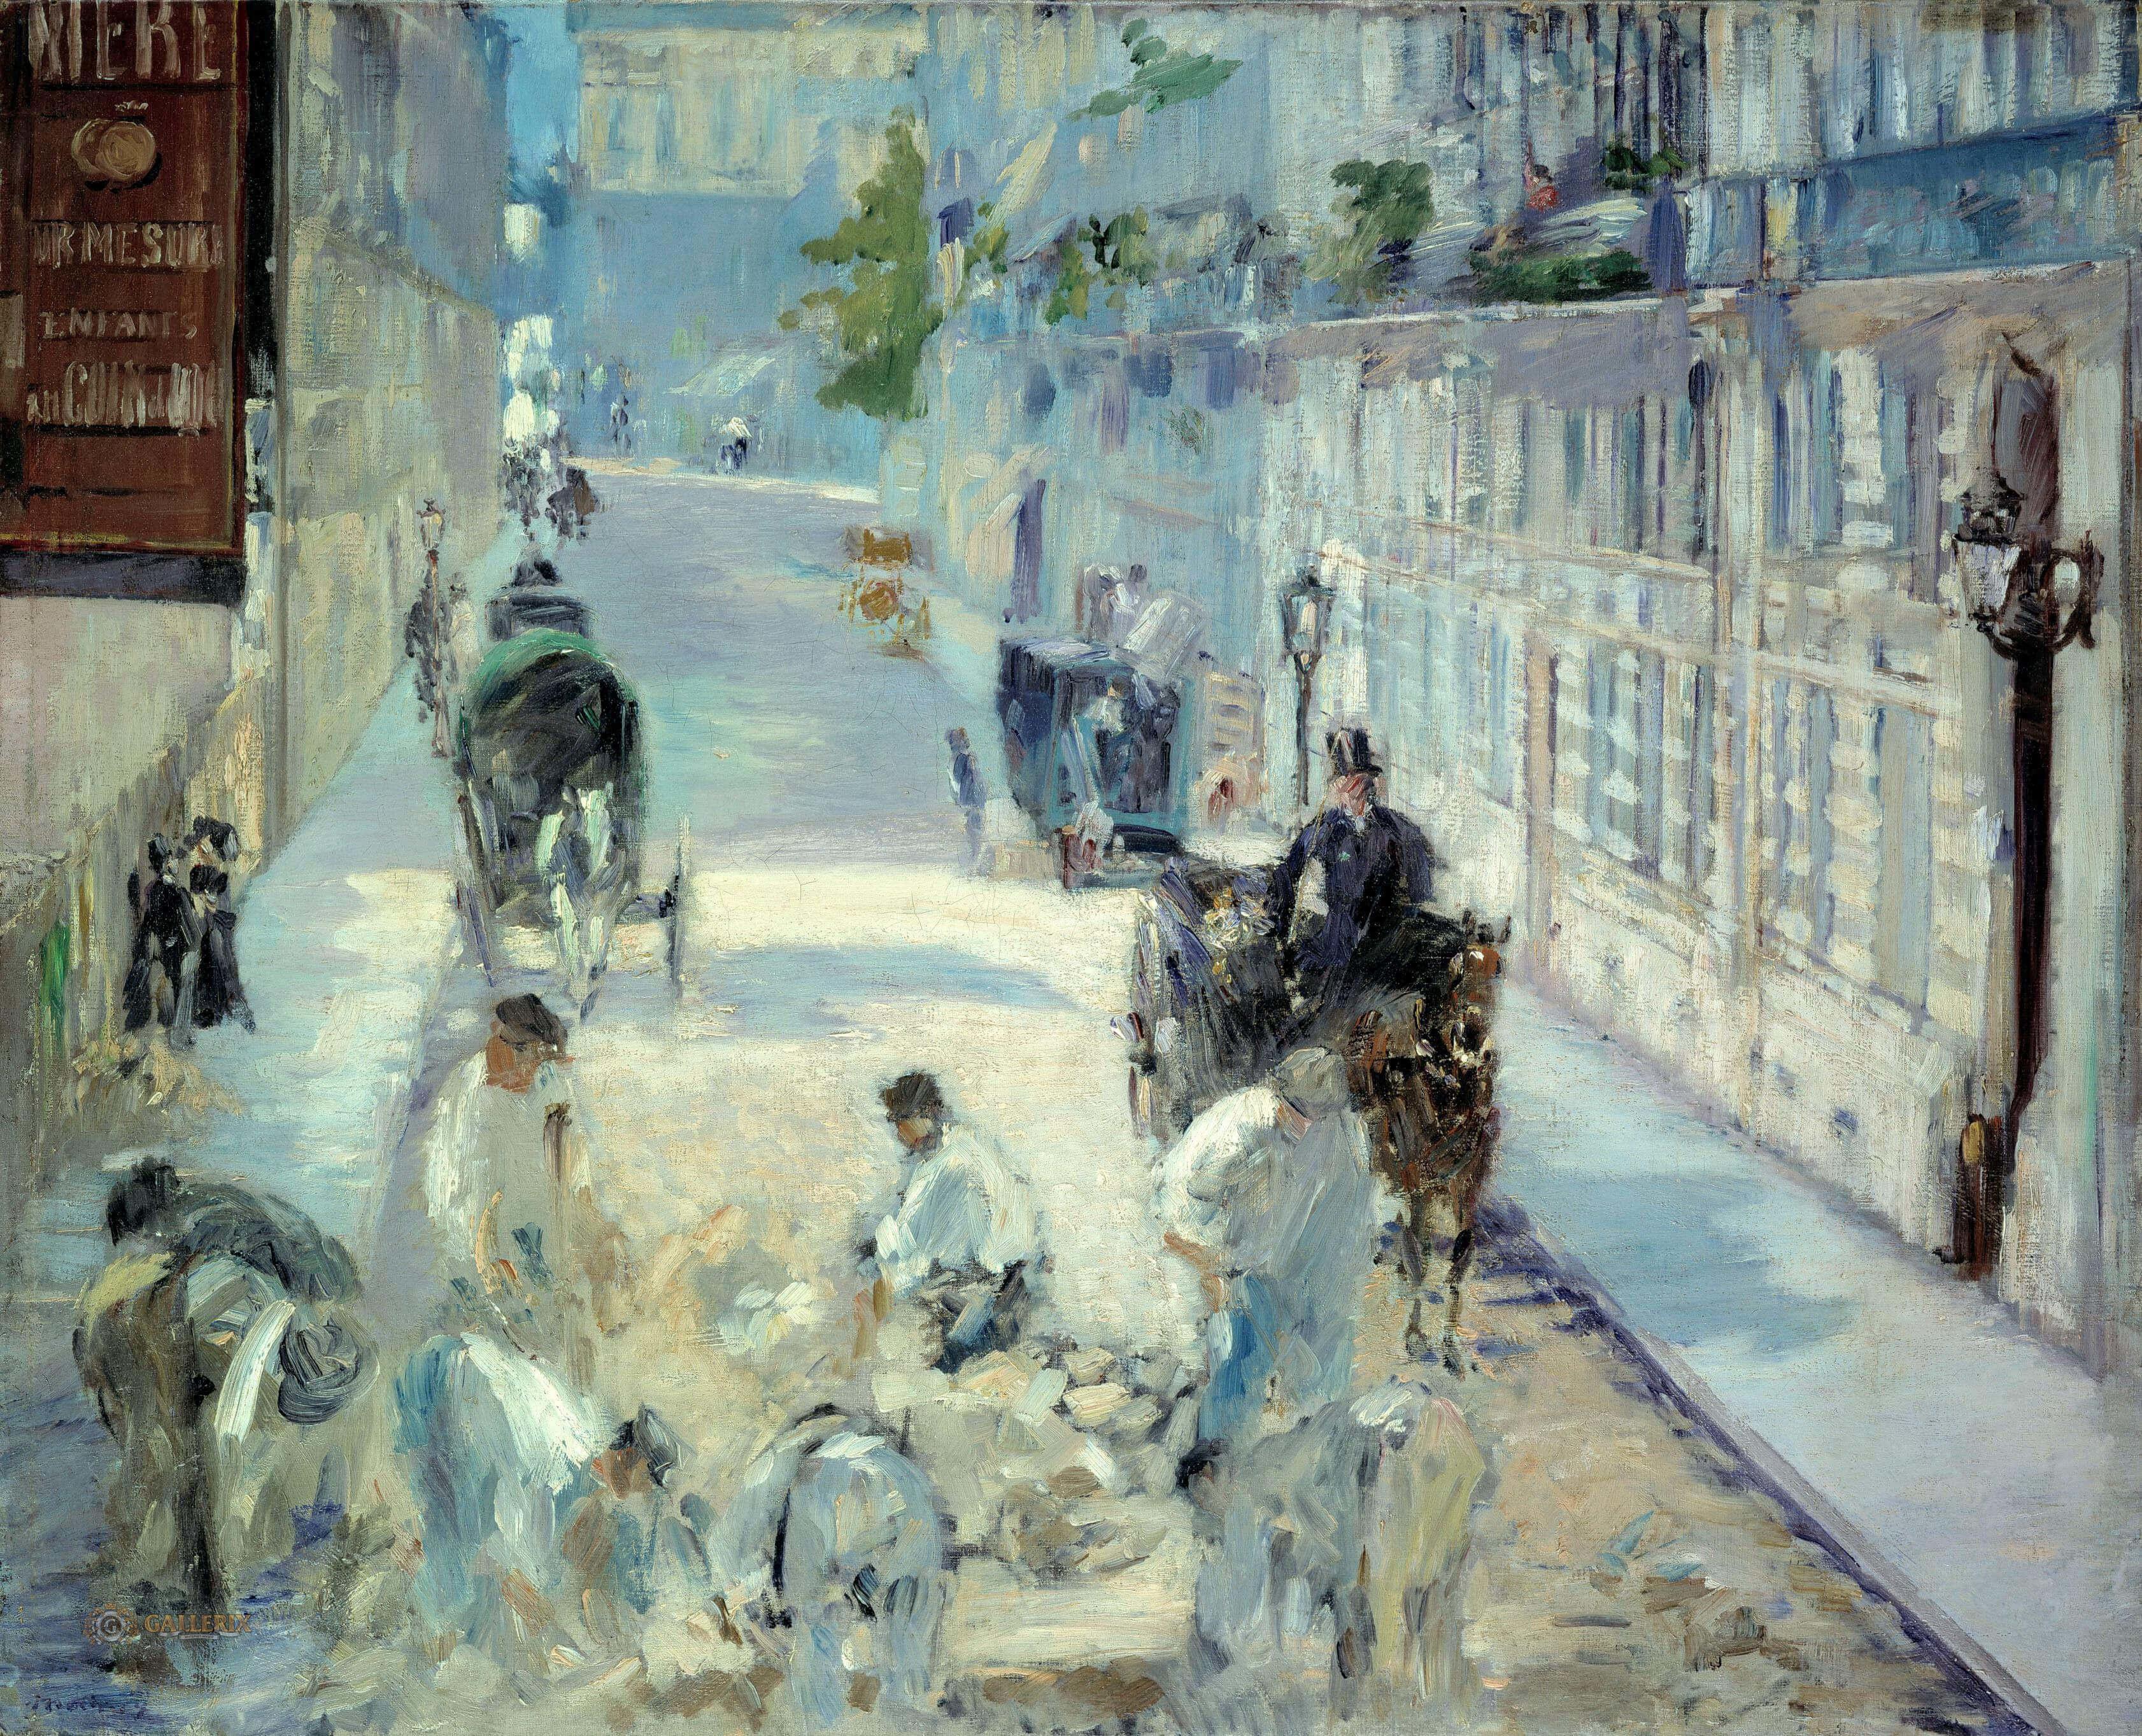 картина Путешествуя :: Эдуард Мане - Edouard Manet (Эдуард Мане) фото